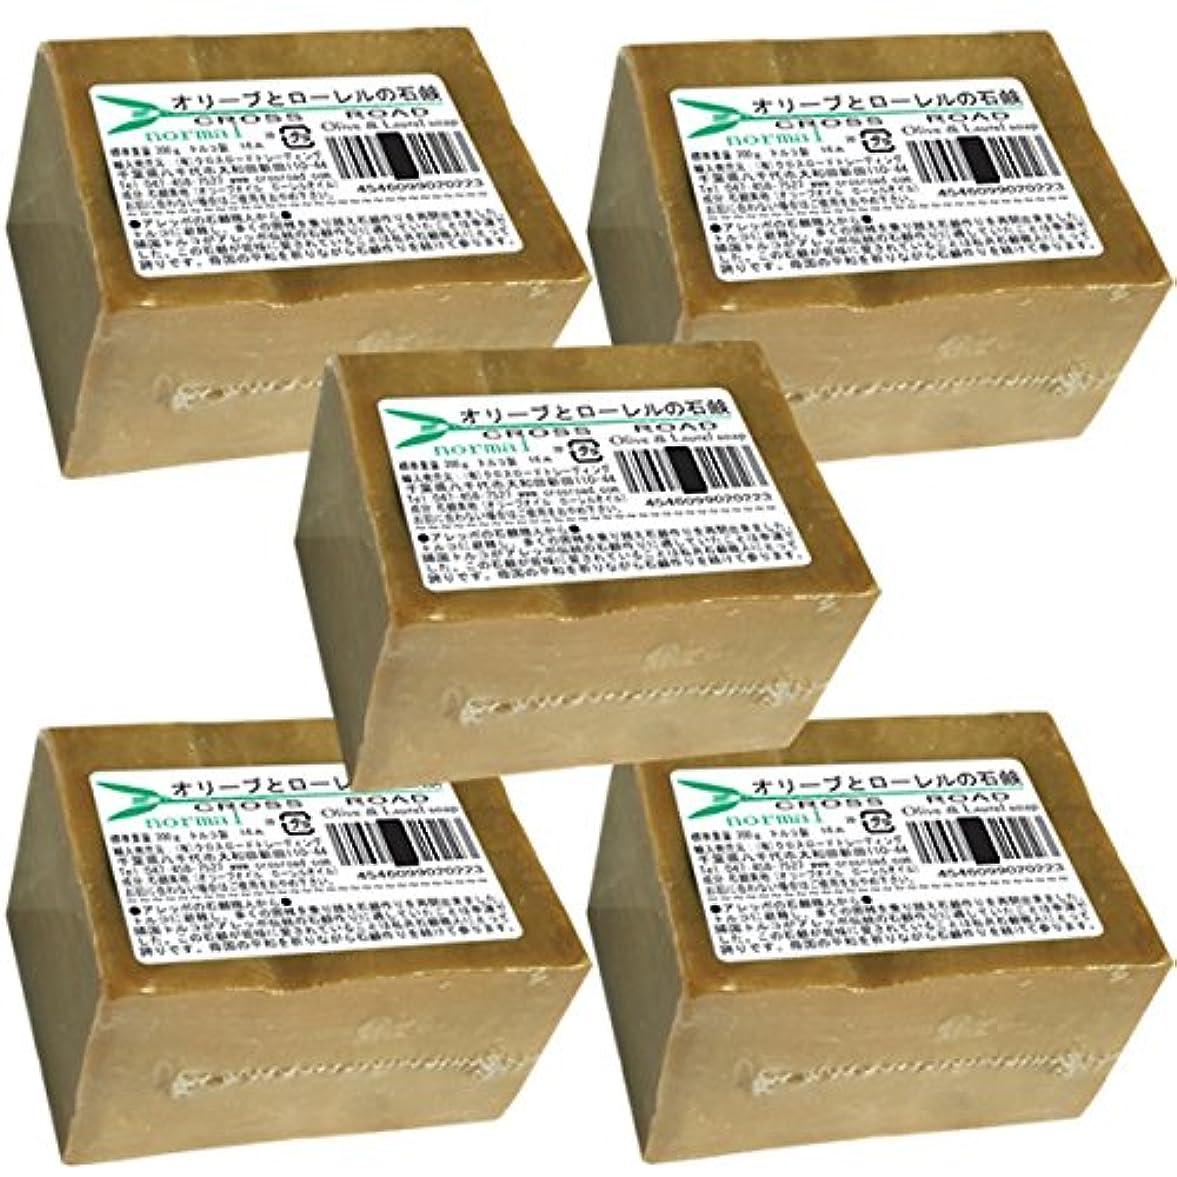 ステーキトンシリングオリーブとローレルの石鹸(ノーマル)5個セット[並行輸入品]